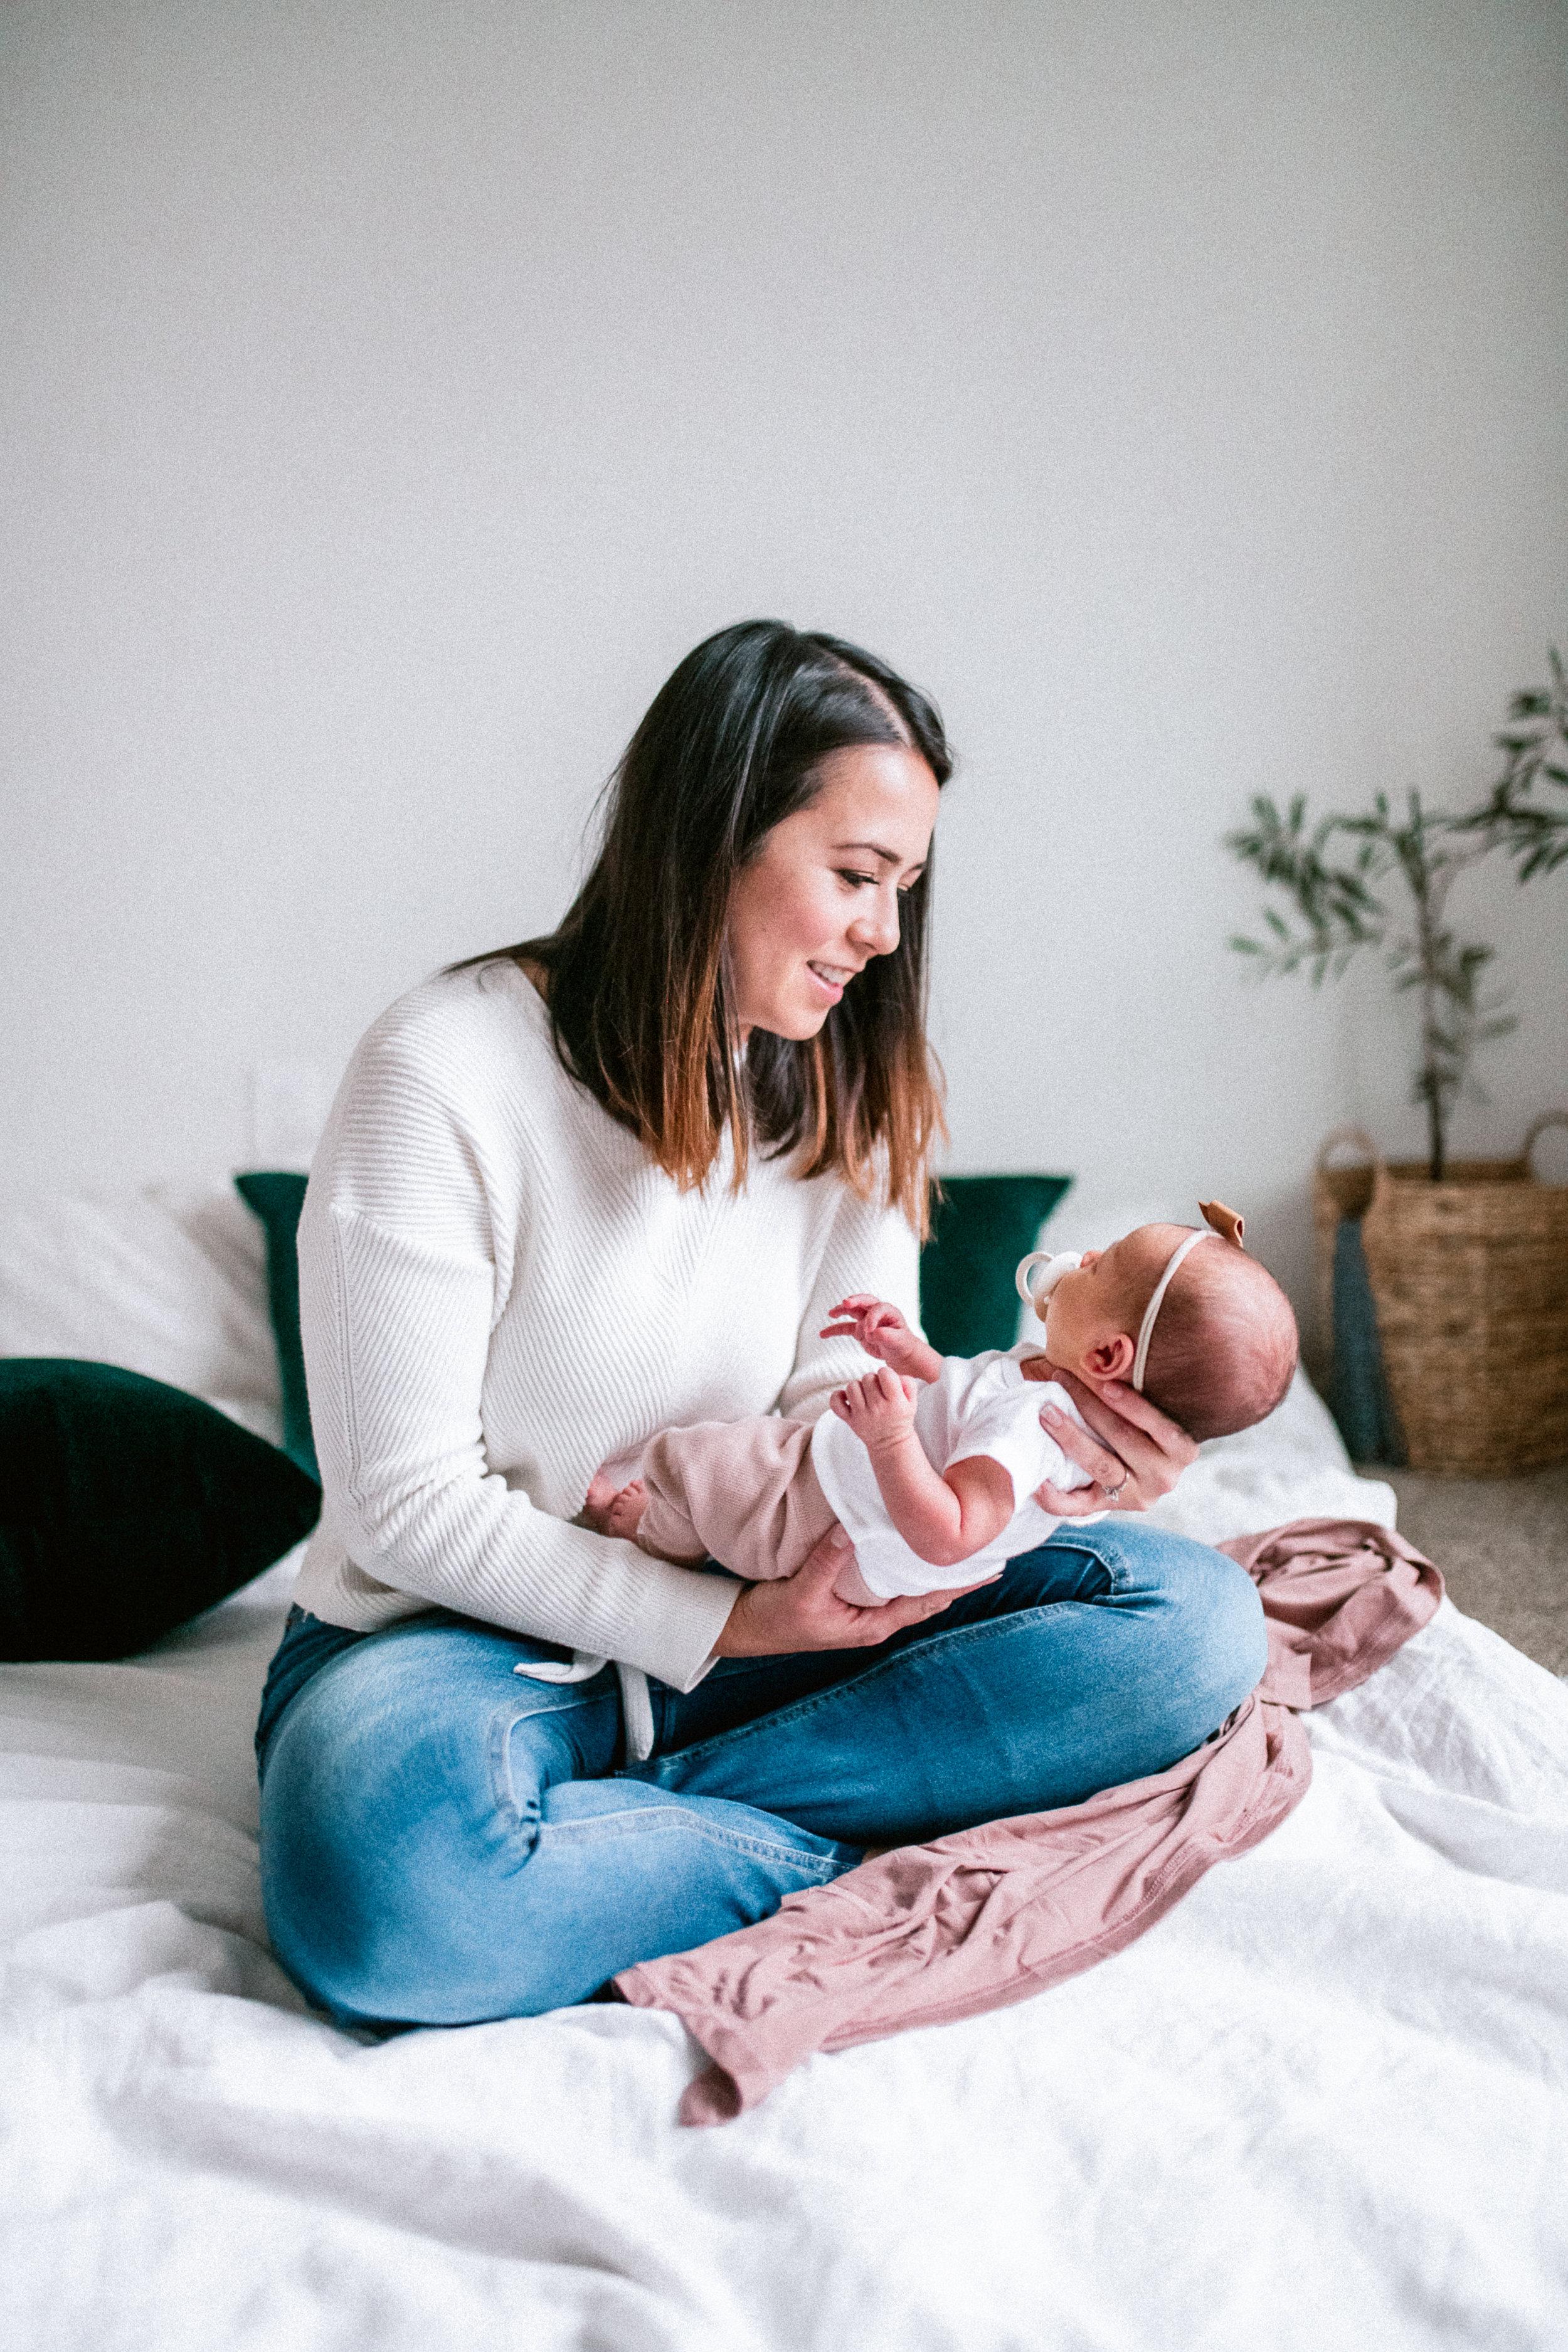 diy-newborn-photos-at-home